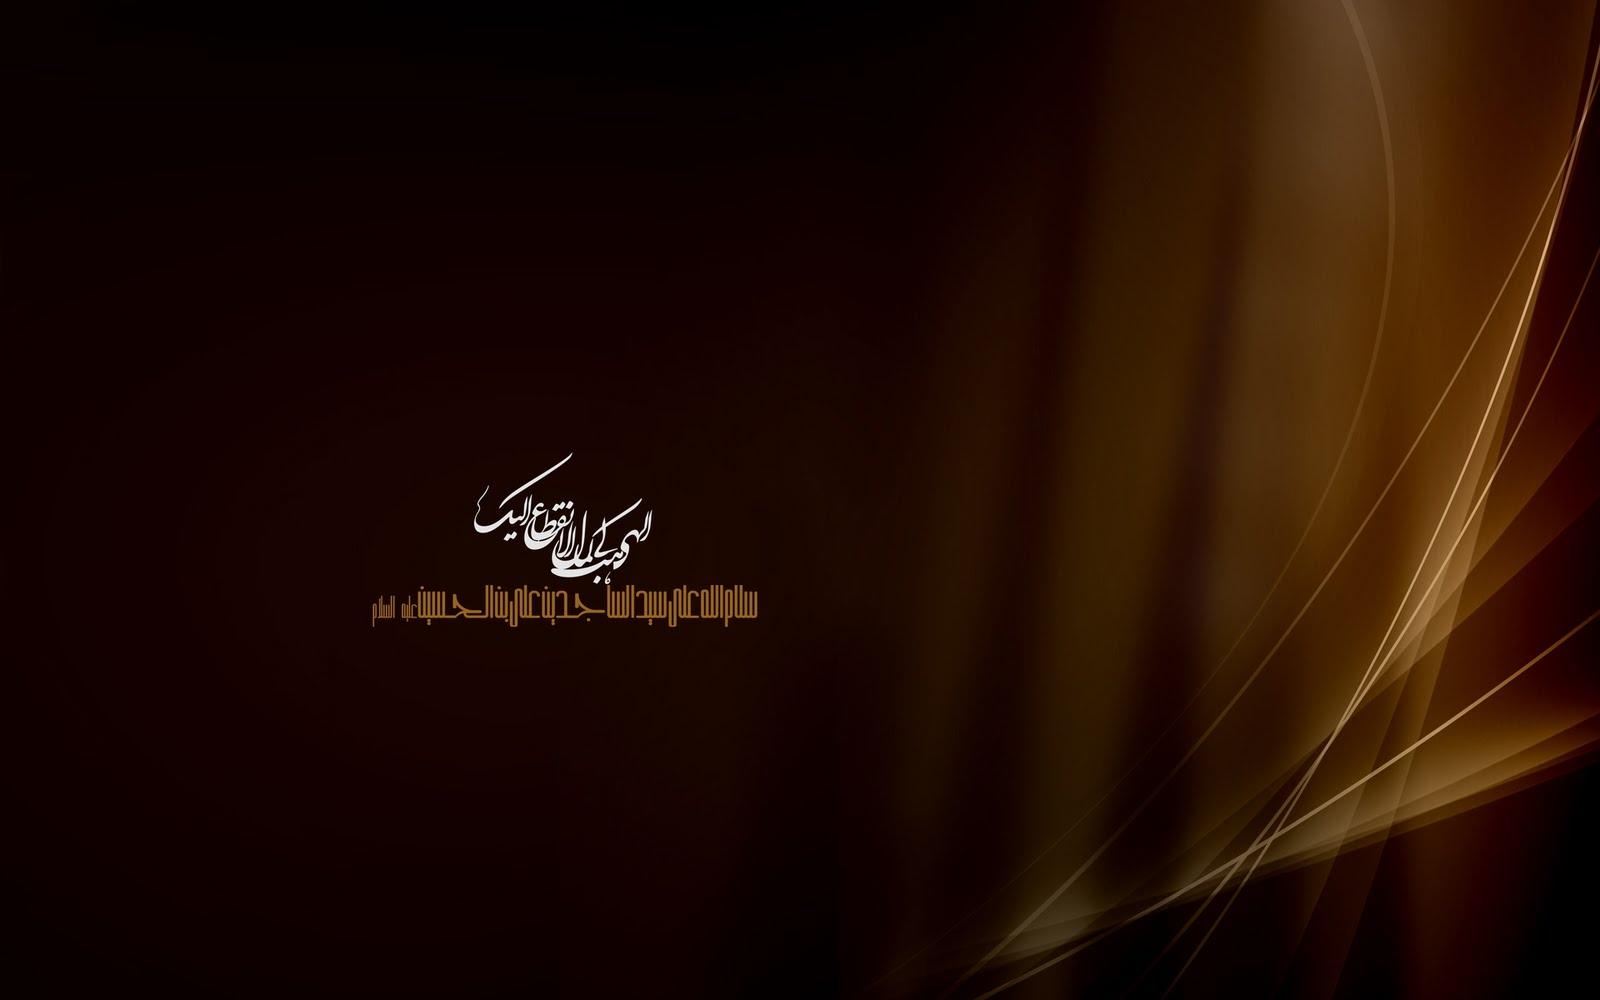 Islamic Hd Wallpapers 1080p Wallpapersafari